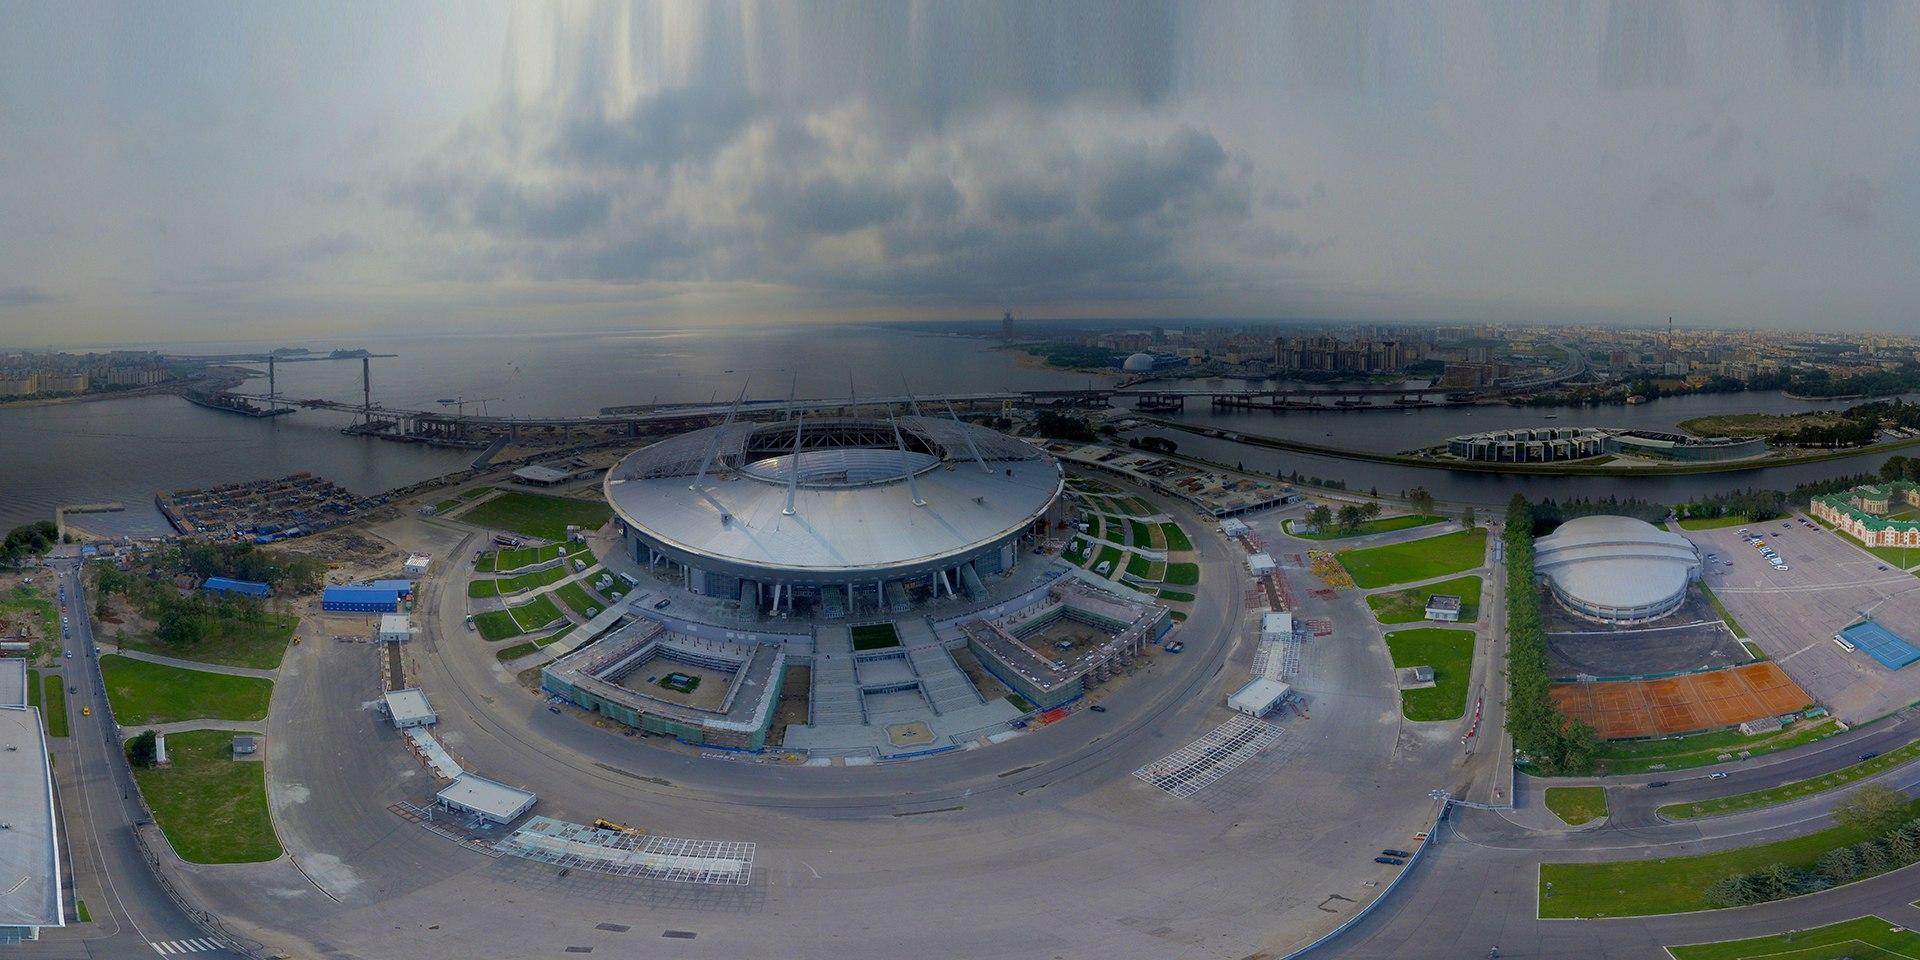 Стадион на Крестовском: вашими глазами. Июль